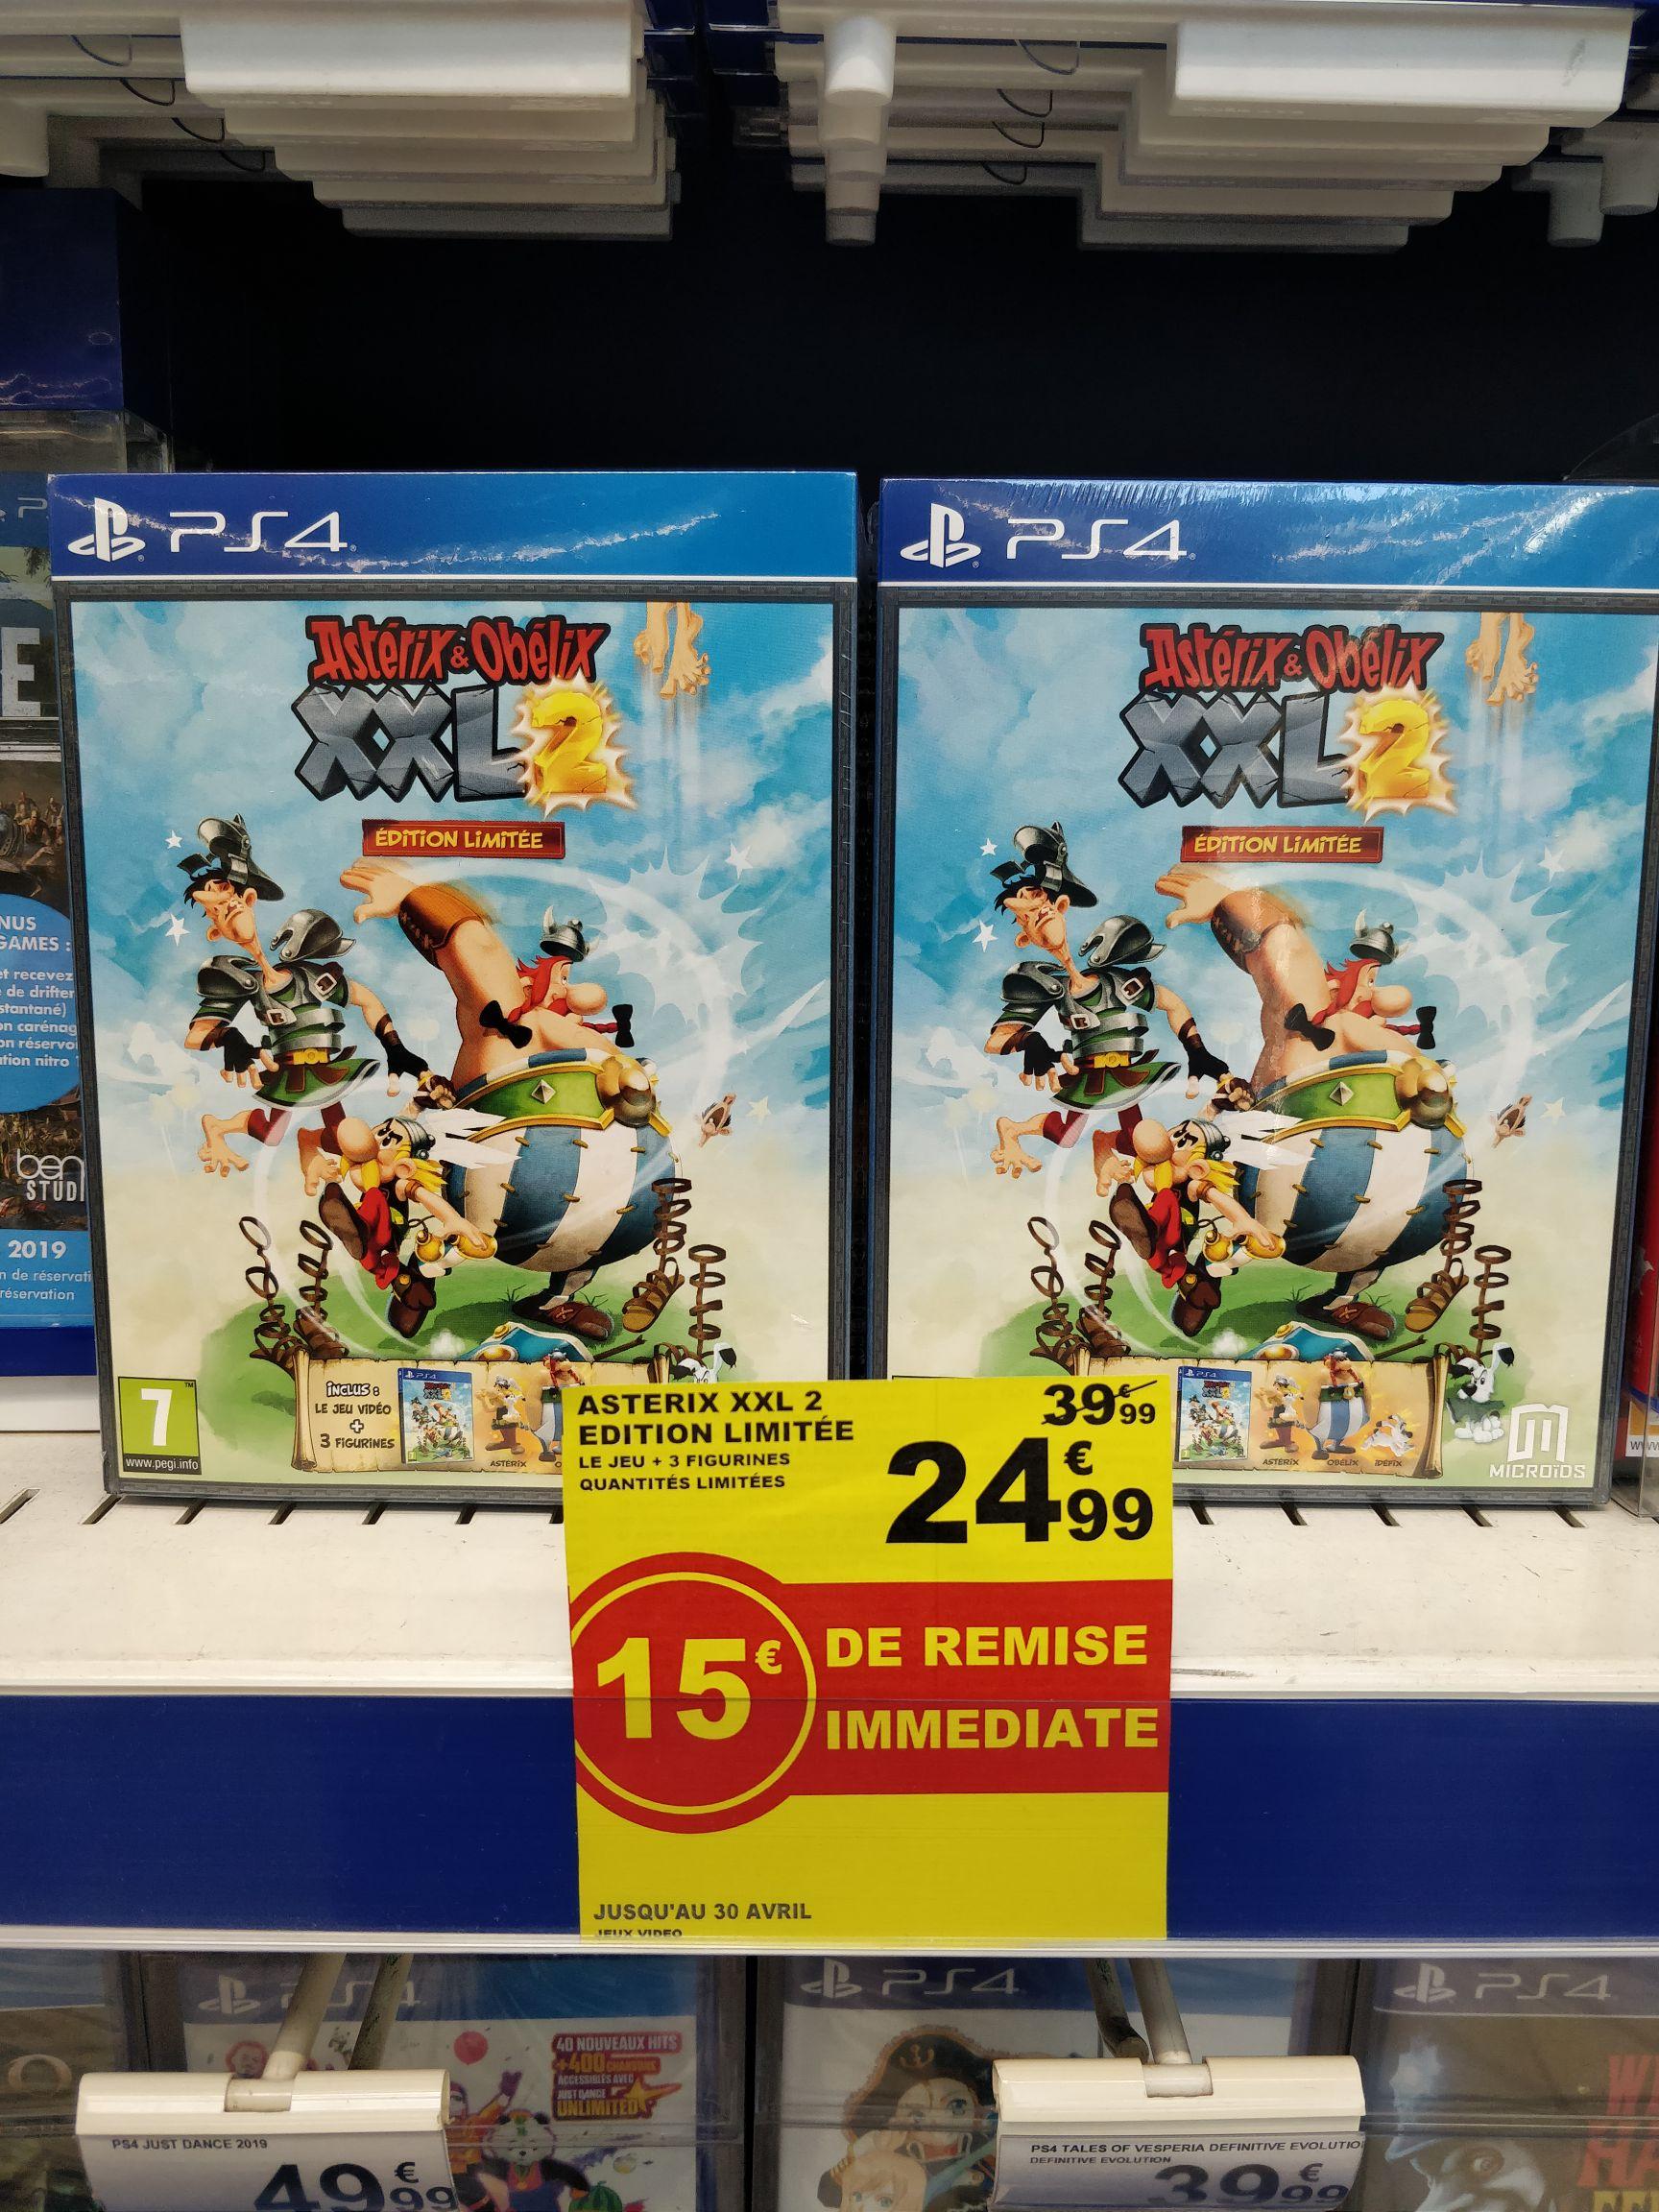 Astérix & Obélix XXL 2 Edition Limitée sur PS4 - Porte des Alpes (69)